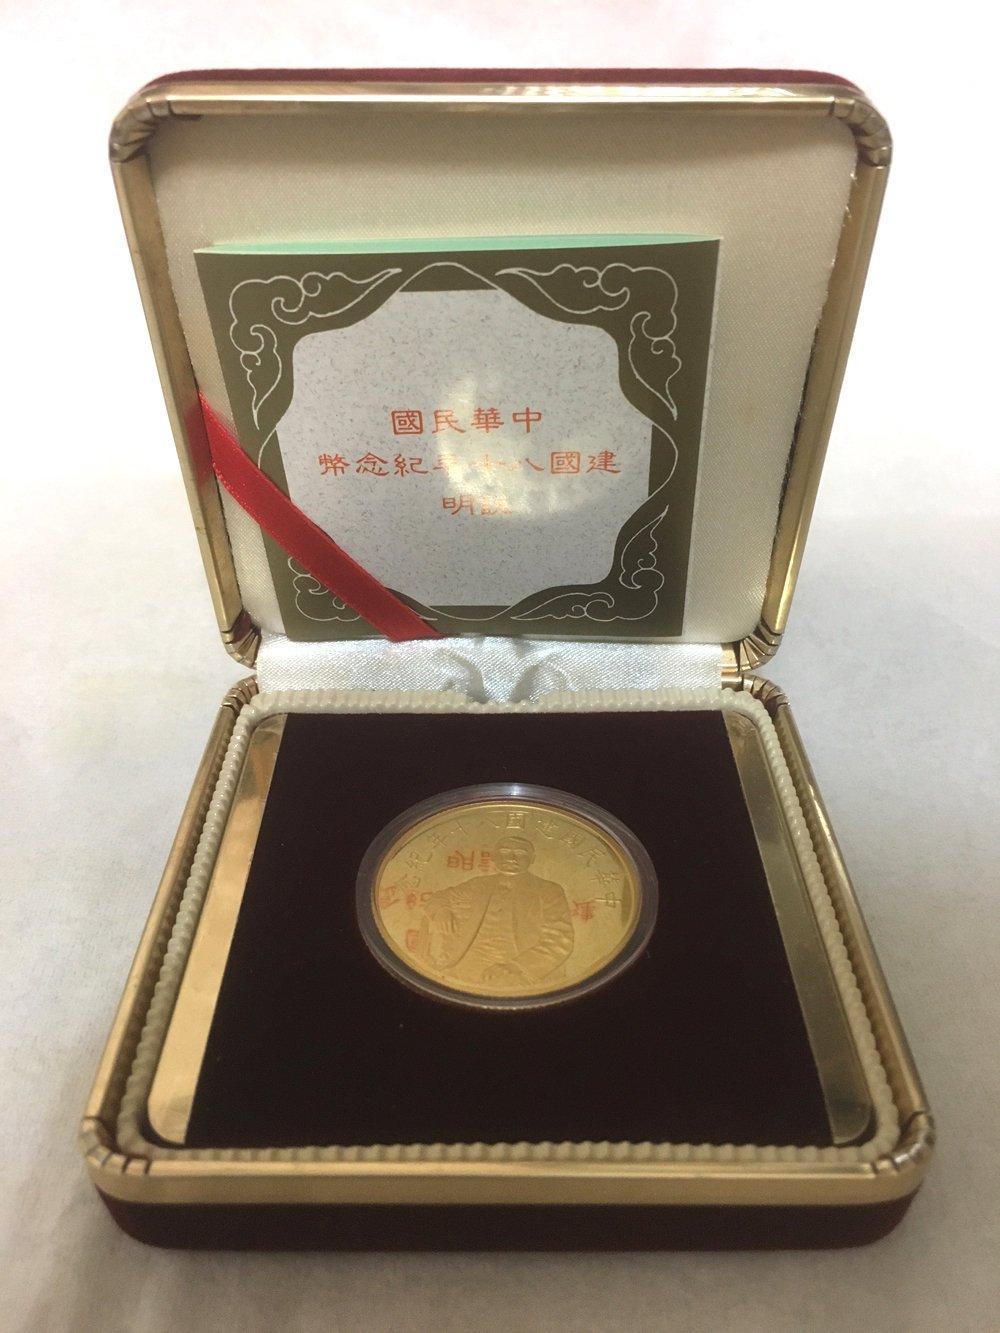 收藏出清 紀念金幣 中華民國建國八十年紀念 建國80年 國父孫中山 99.99純金 1英兩 1盎司 原盒+原說明書